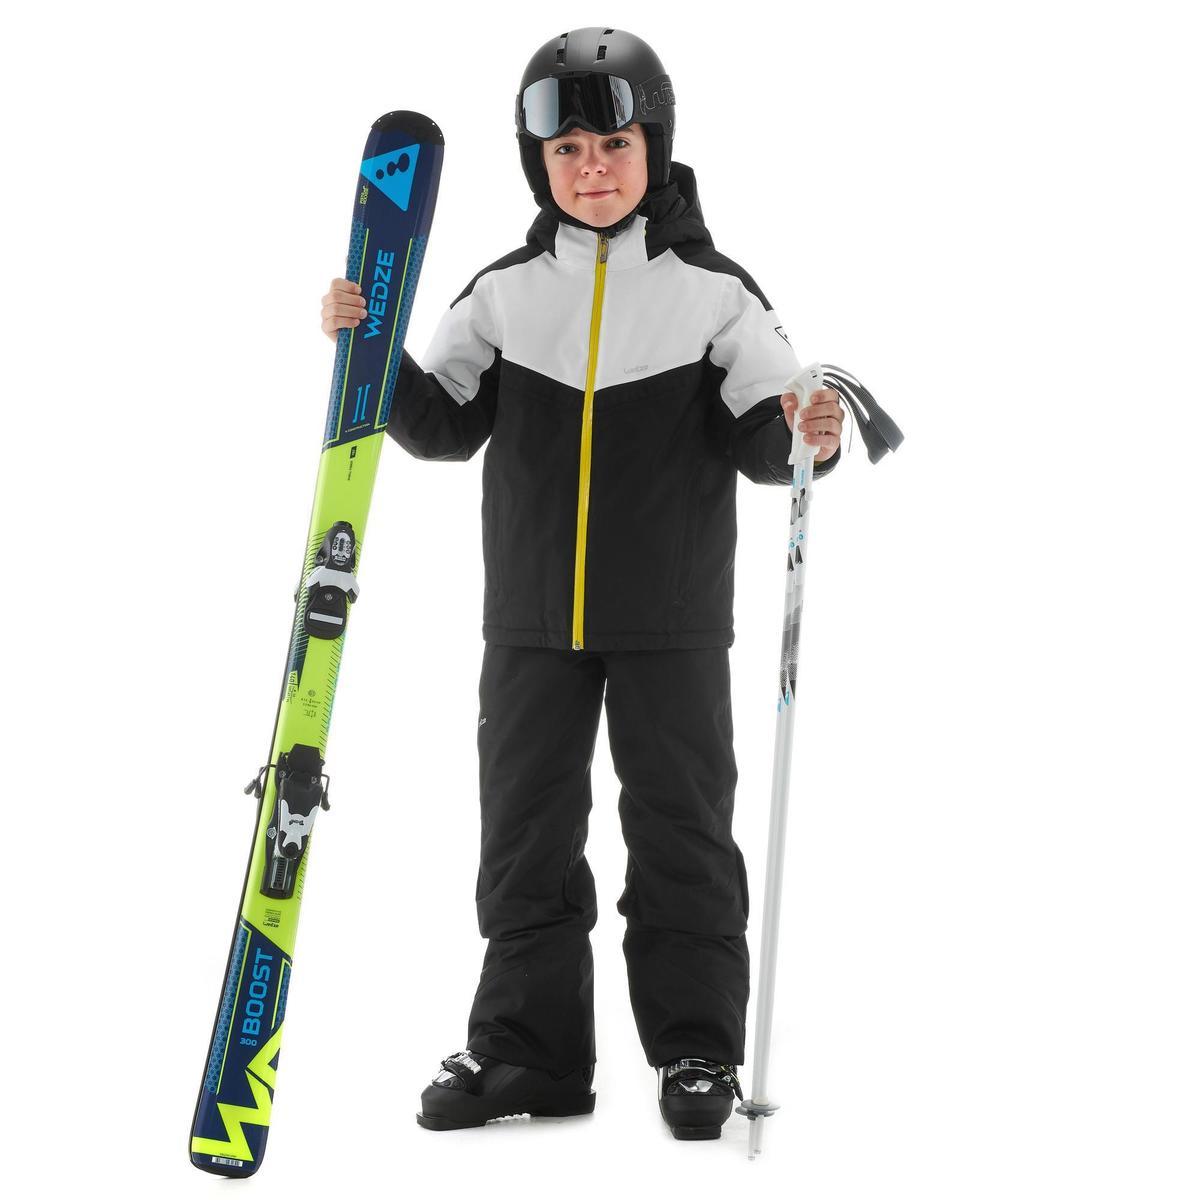 Bild 2 von Skijacke Piste 900 Kinder schwarz/weiß